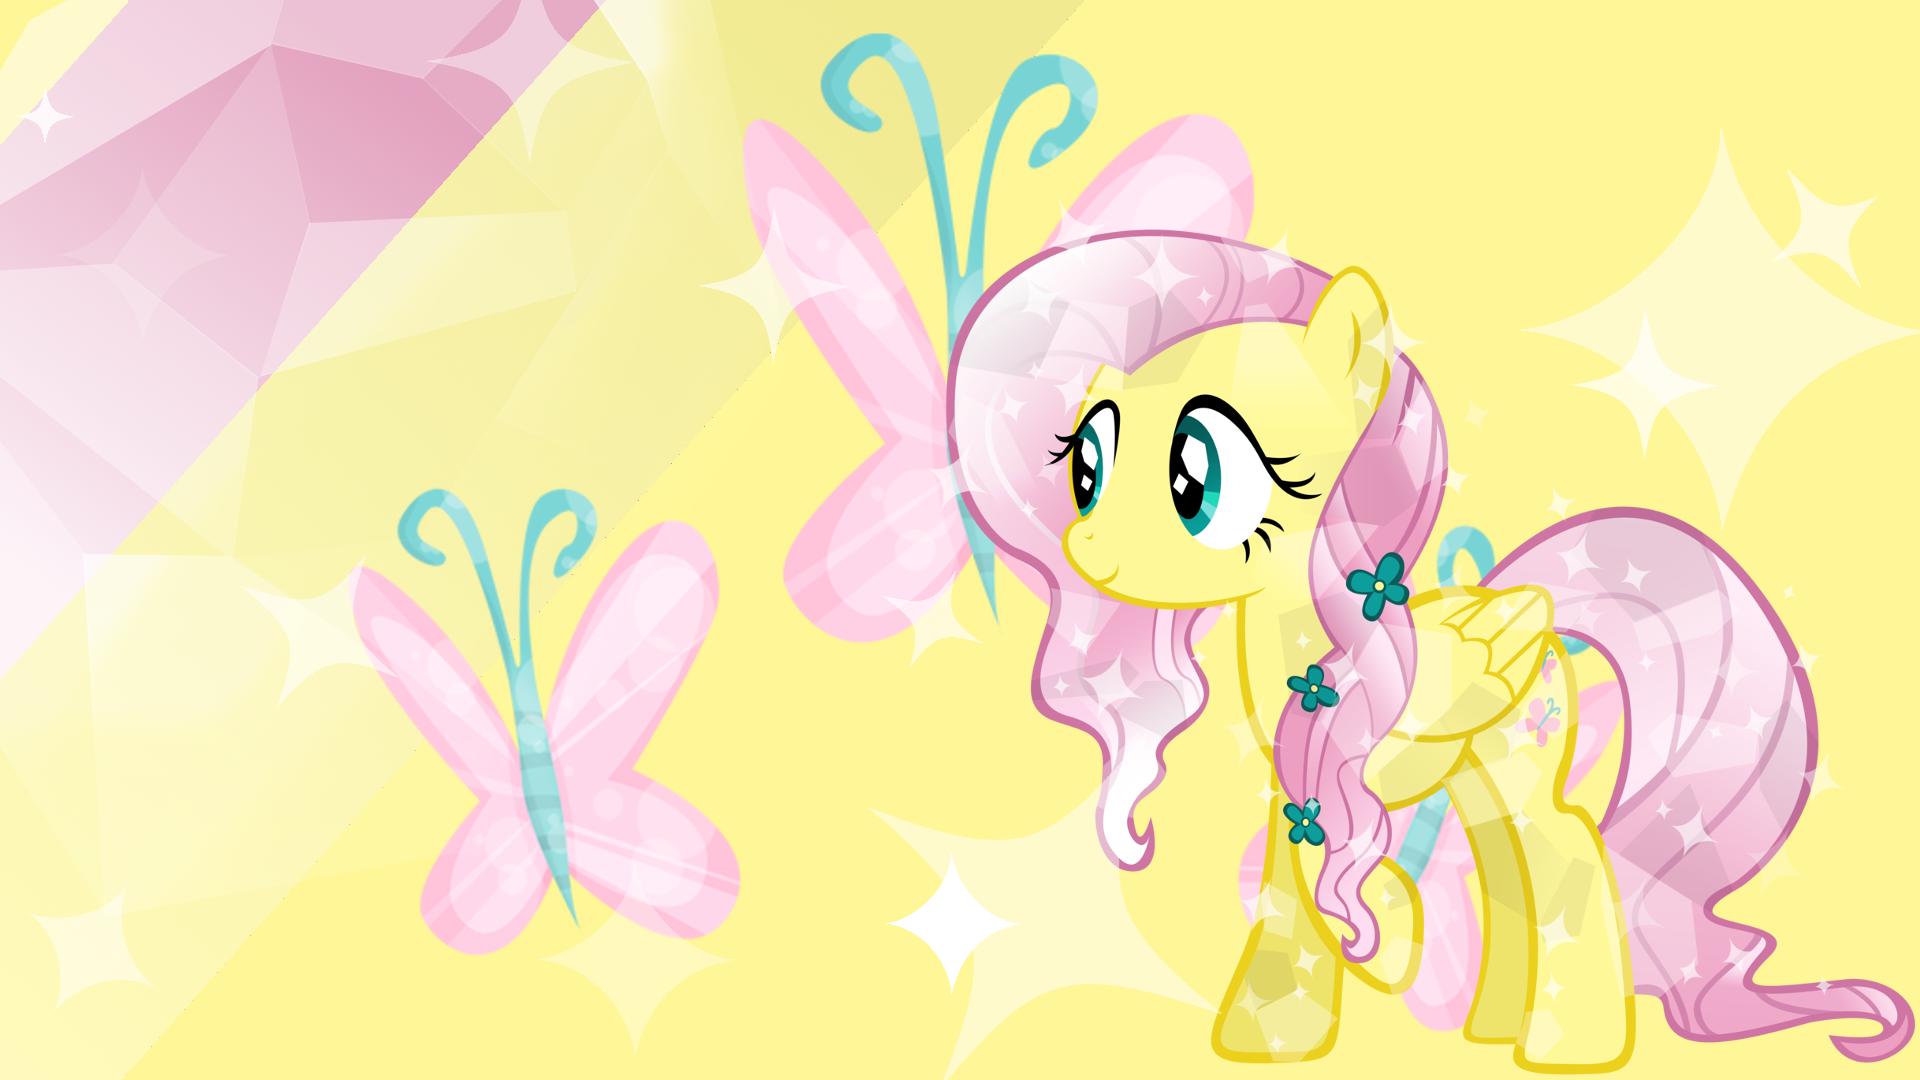 image My little pony by snahbrandy